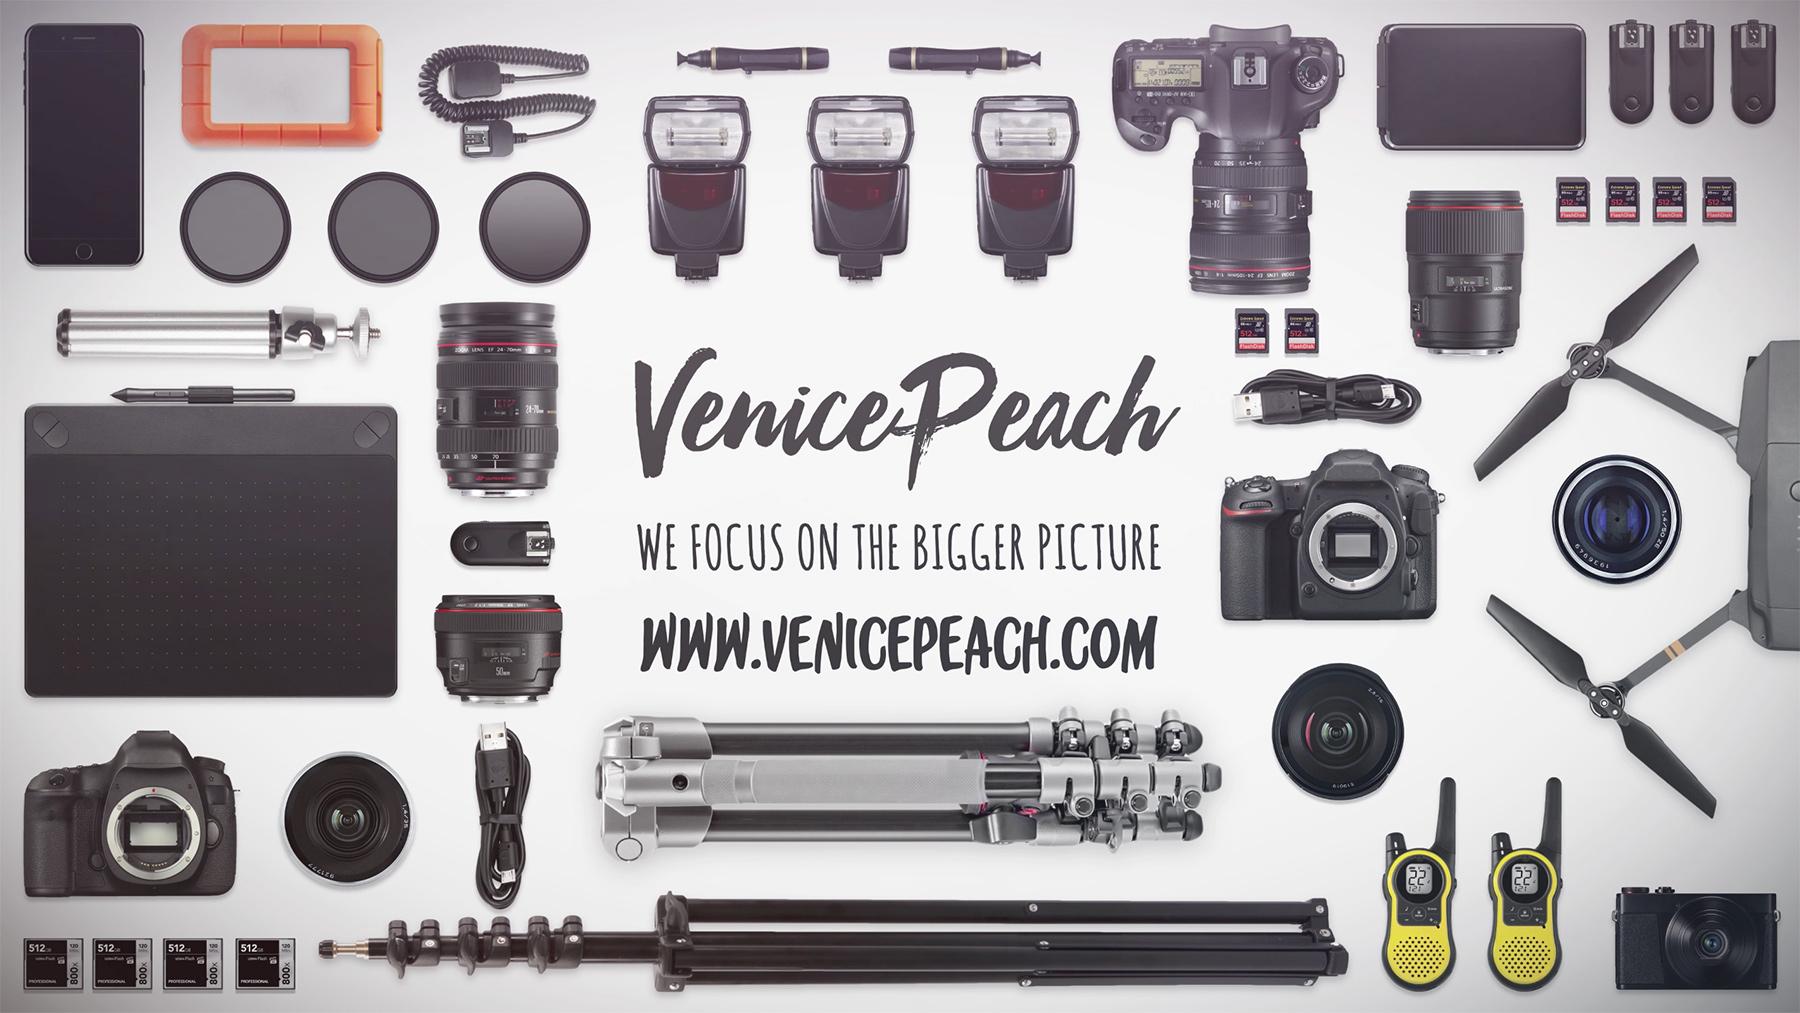 VenicePeach Vlog